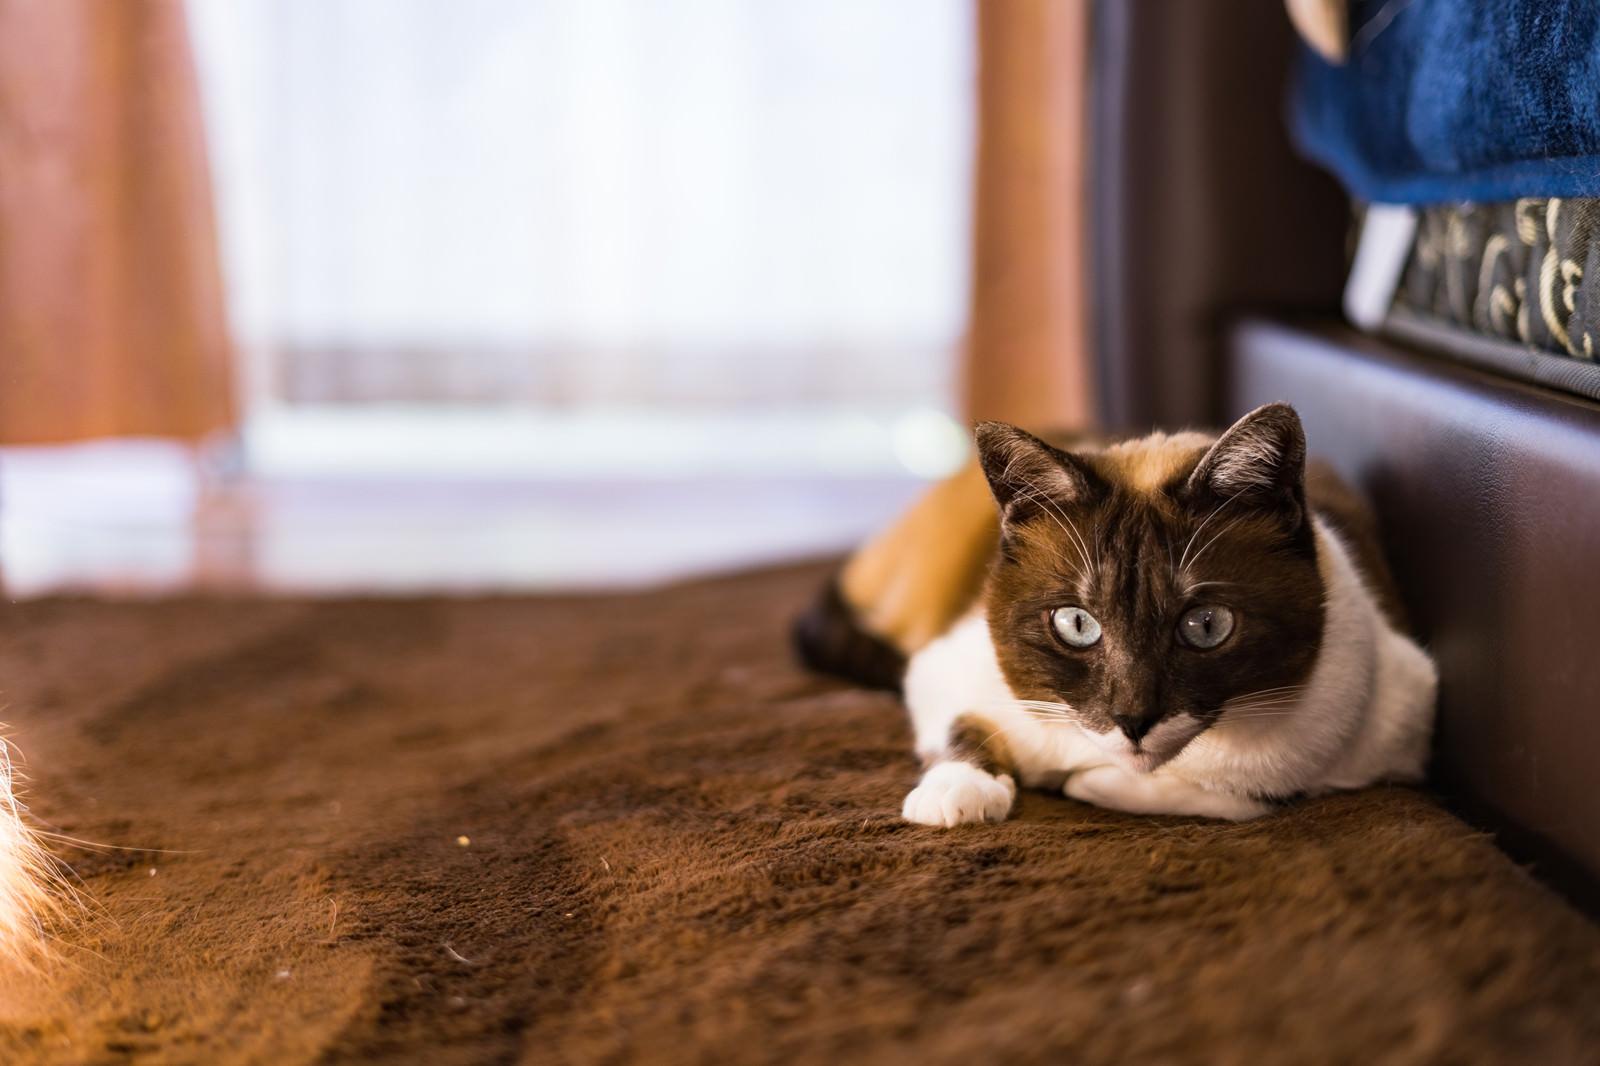 「フリーズする猫 | 写真の無料素材・フリー素材 - ぱくたそ」の写真